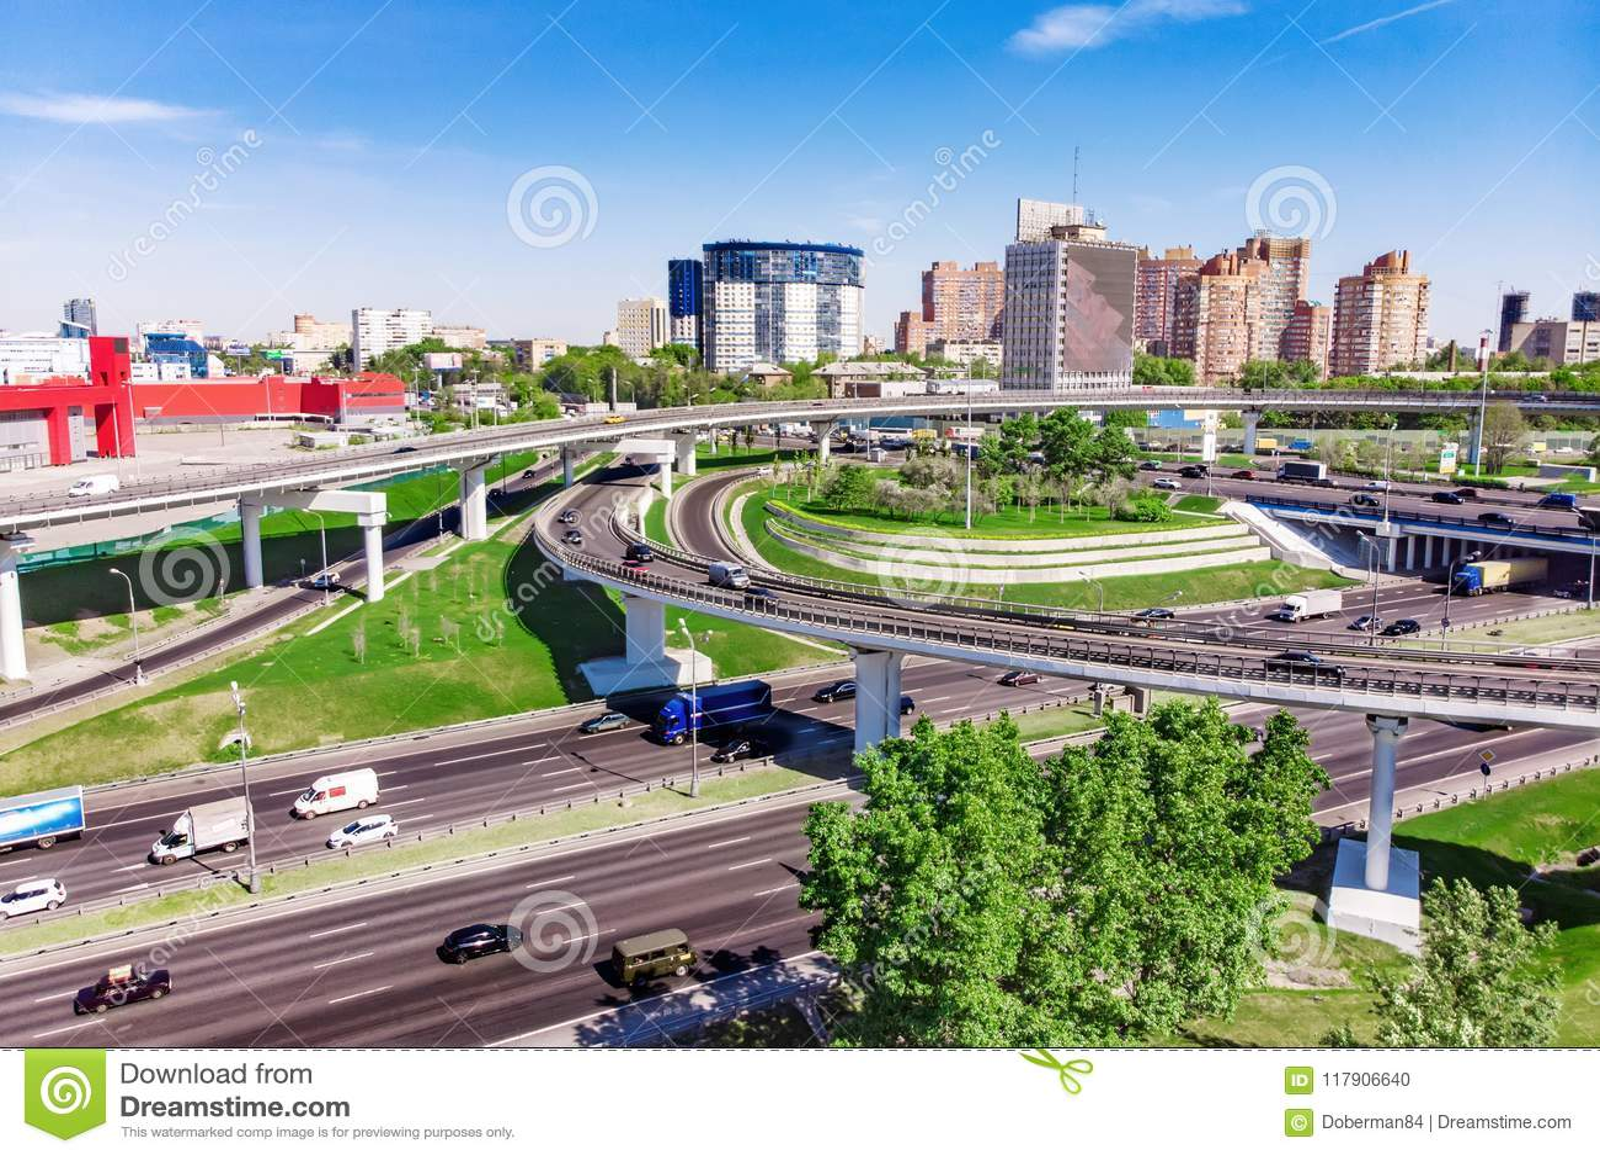 高速公路交叉点的鸟瞰图 公路交叉点在一个大城市